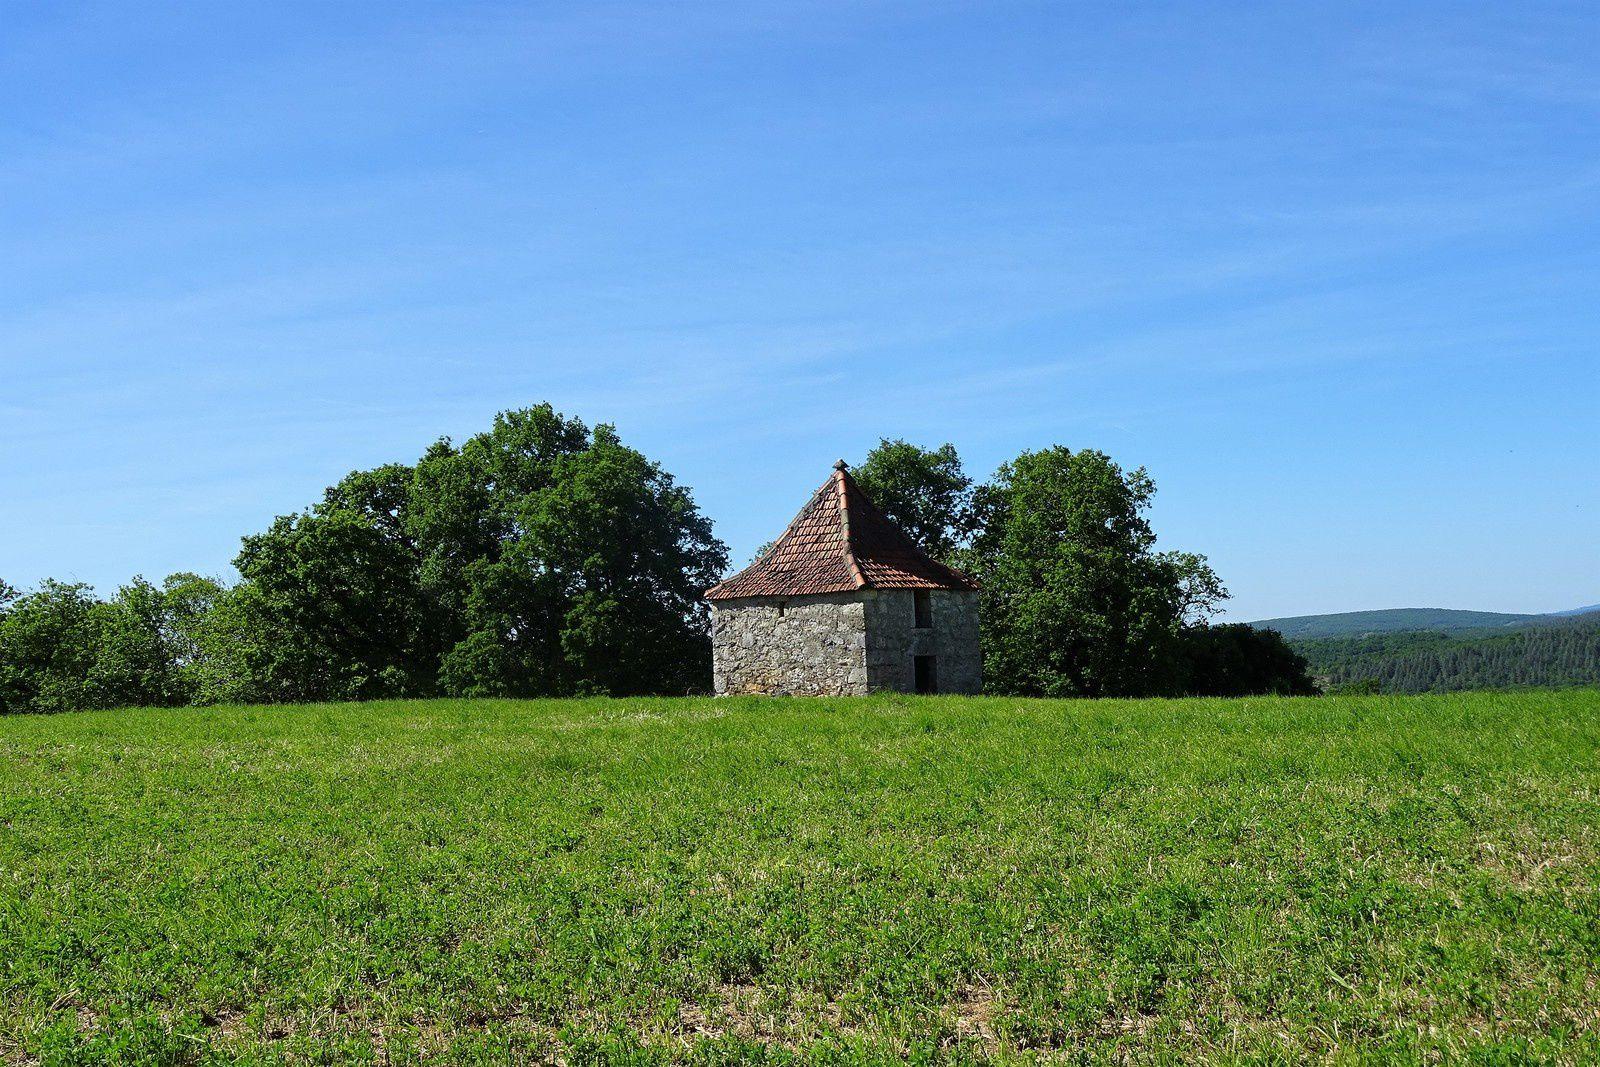 La petite maison dans la prairie.